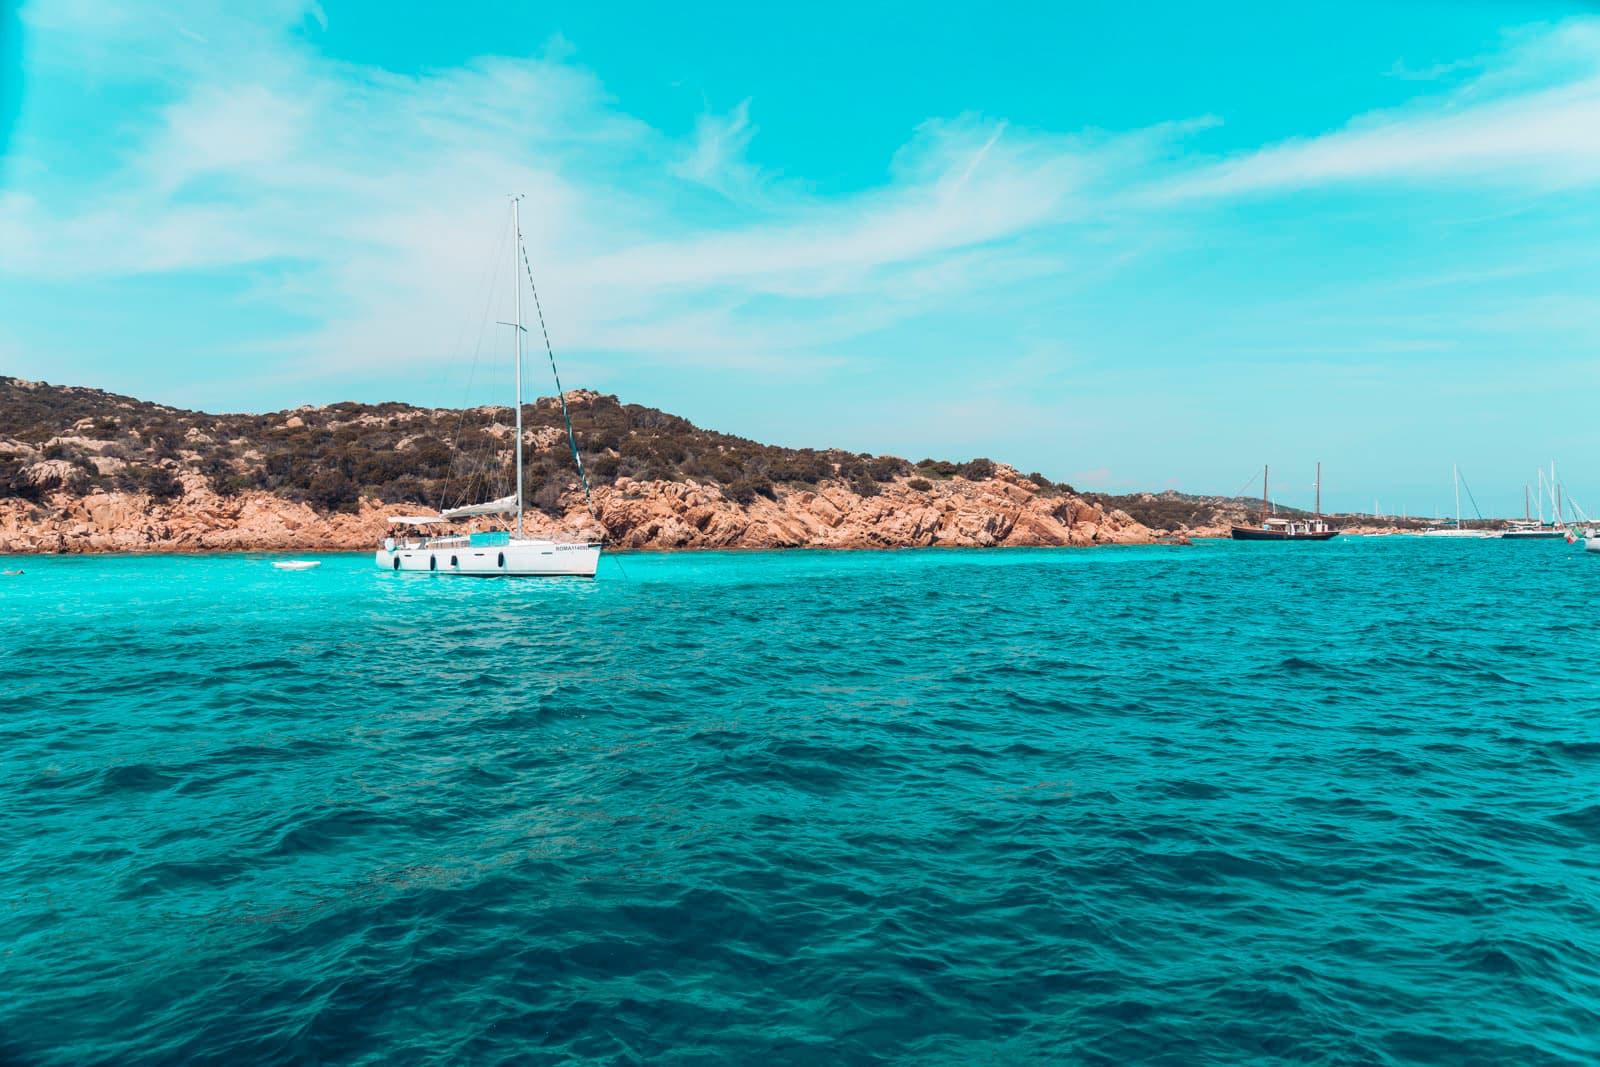 kristalblaues Wasser zum Baden und Segeln auf Sardinien im Mittelmeer